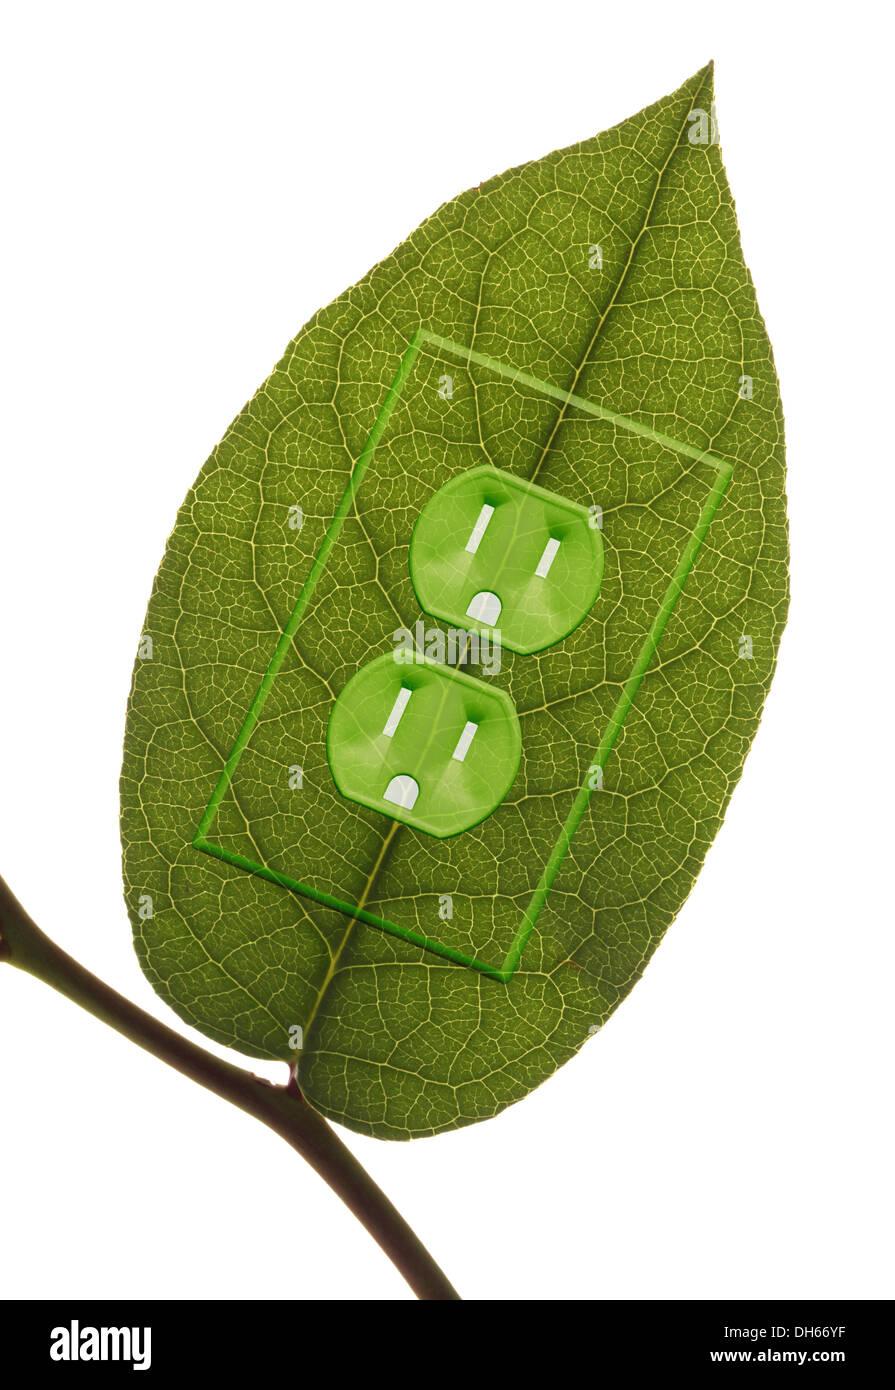 Une plante verte feuille sur une branche avec des prises électriques de couleur verte ajouté. Banque D'Images